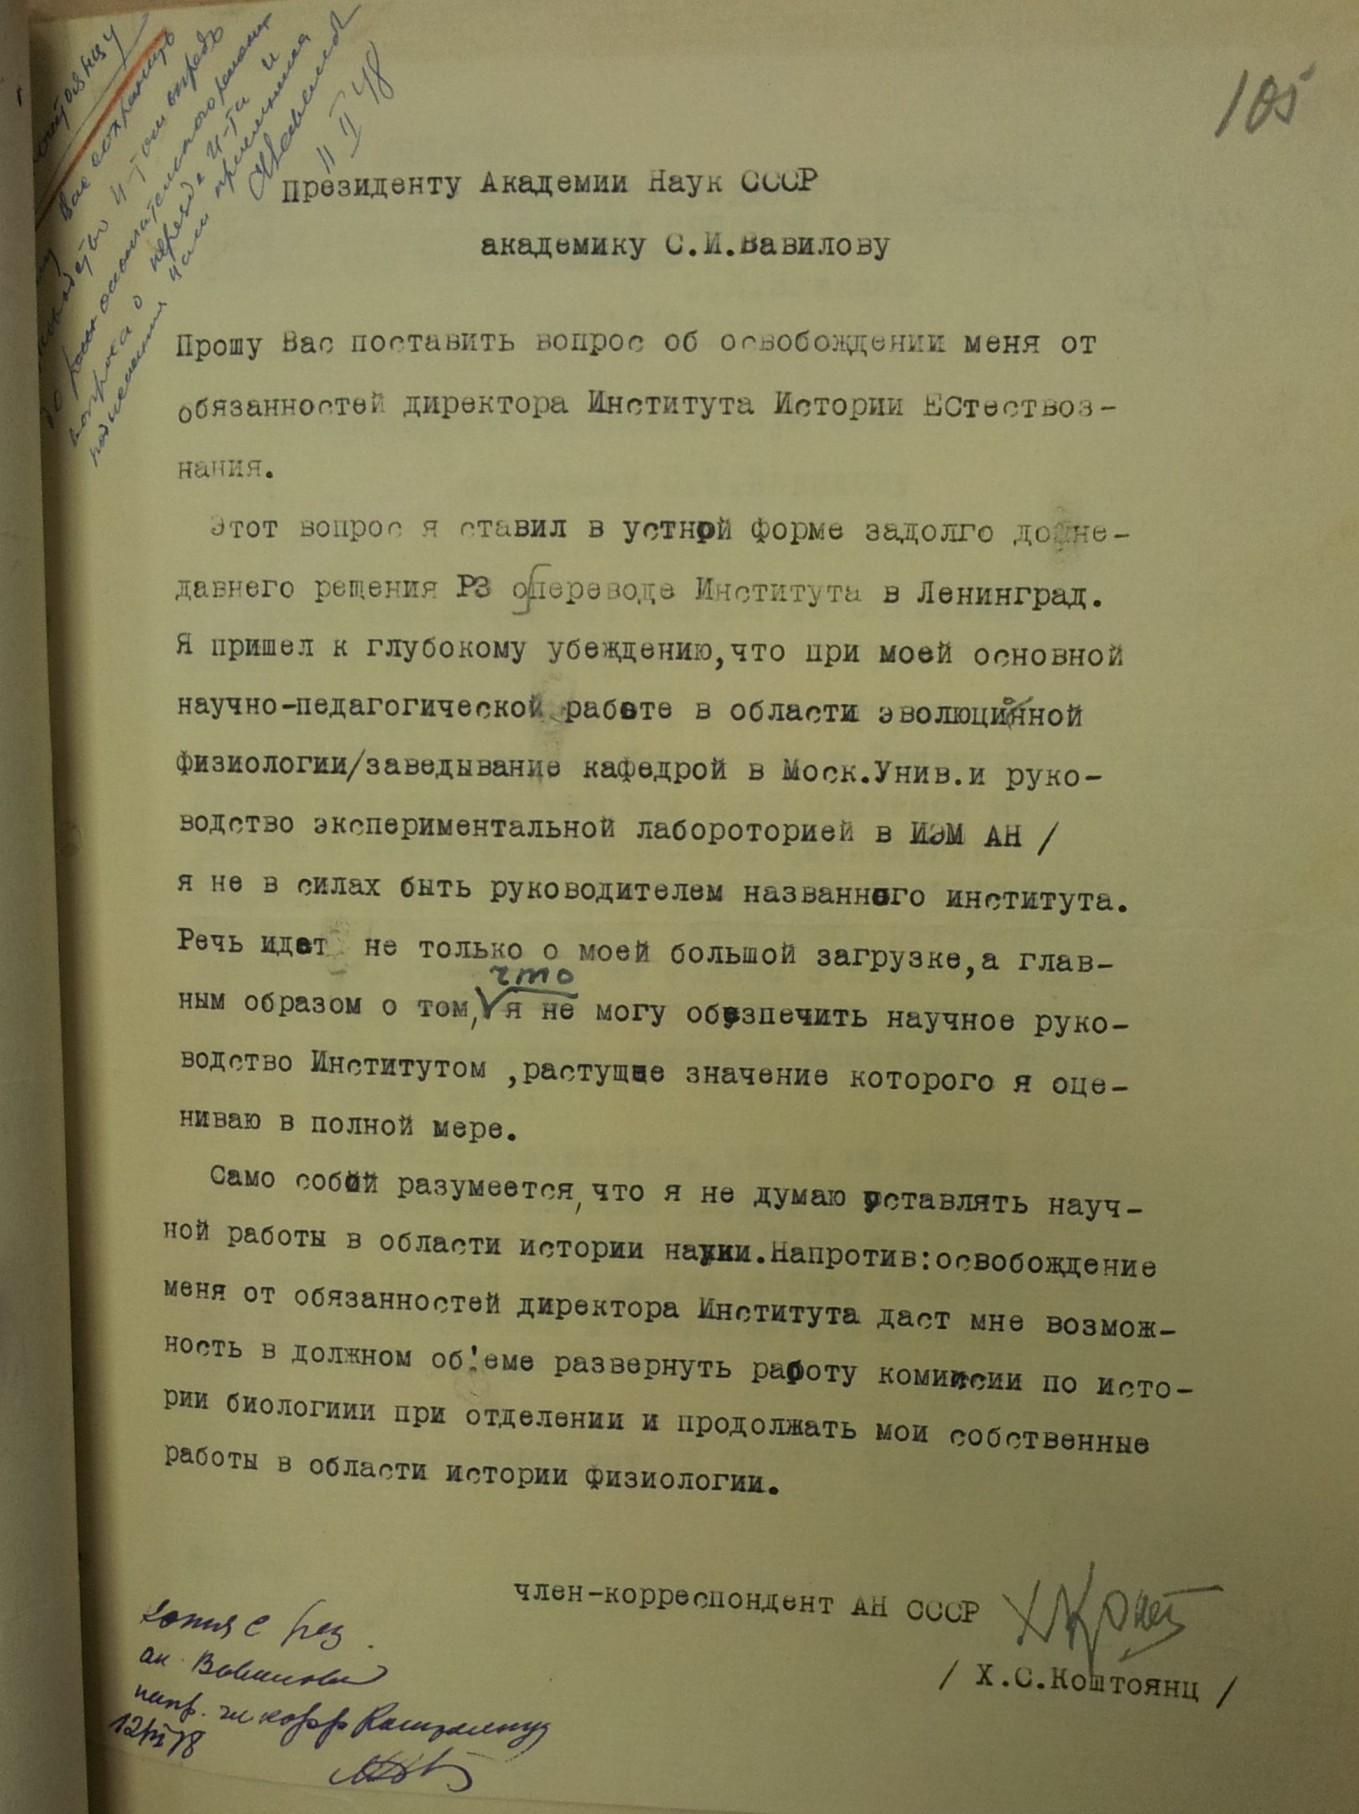 Заявление Х. С. Коштоянца с резолюцией С. И. Вавилова (АРАН. Ф. 2. Оп. 1-1948. Д. 401. Л. 105)